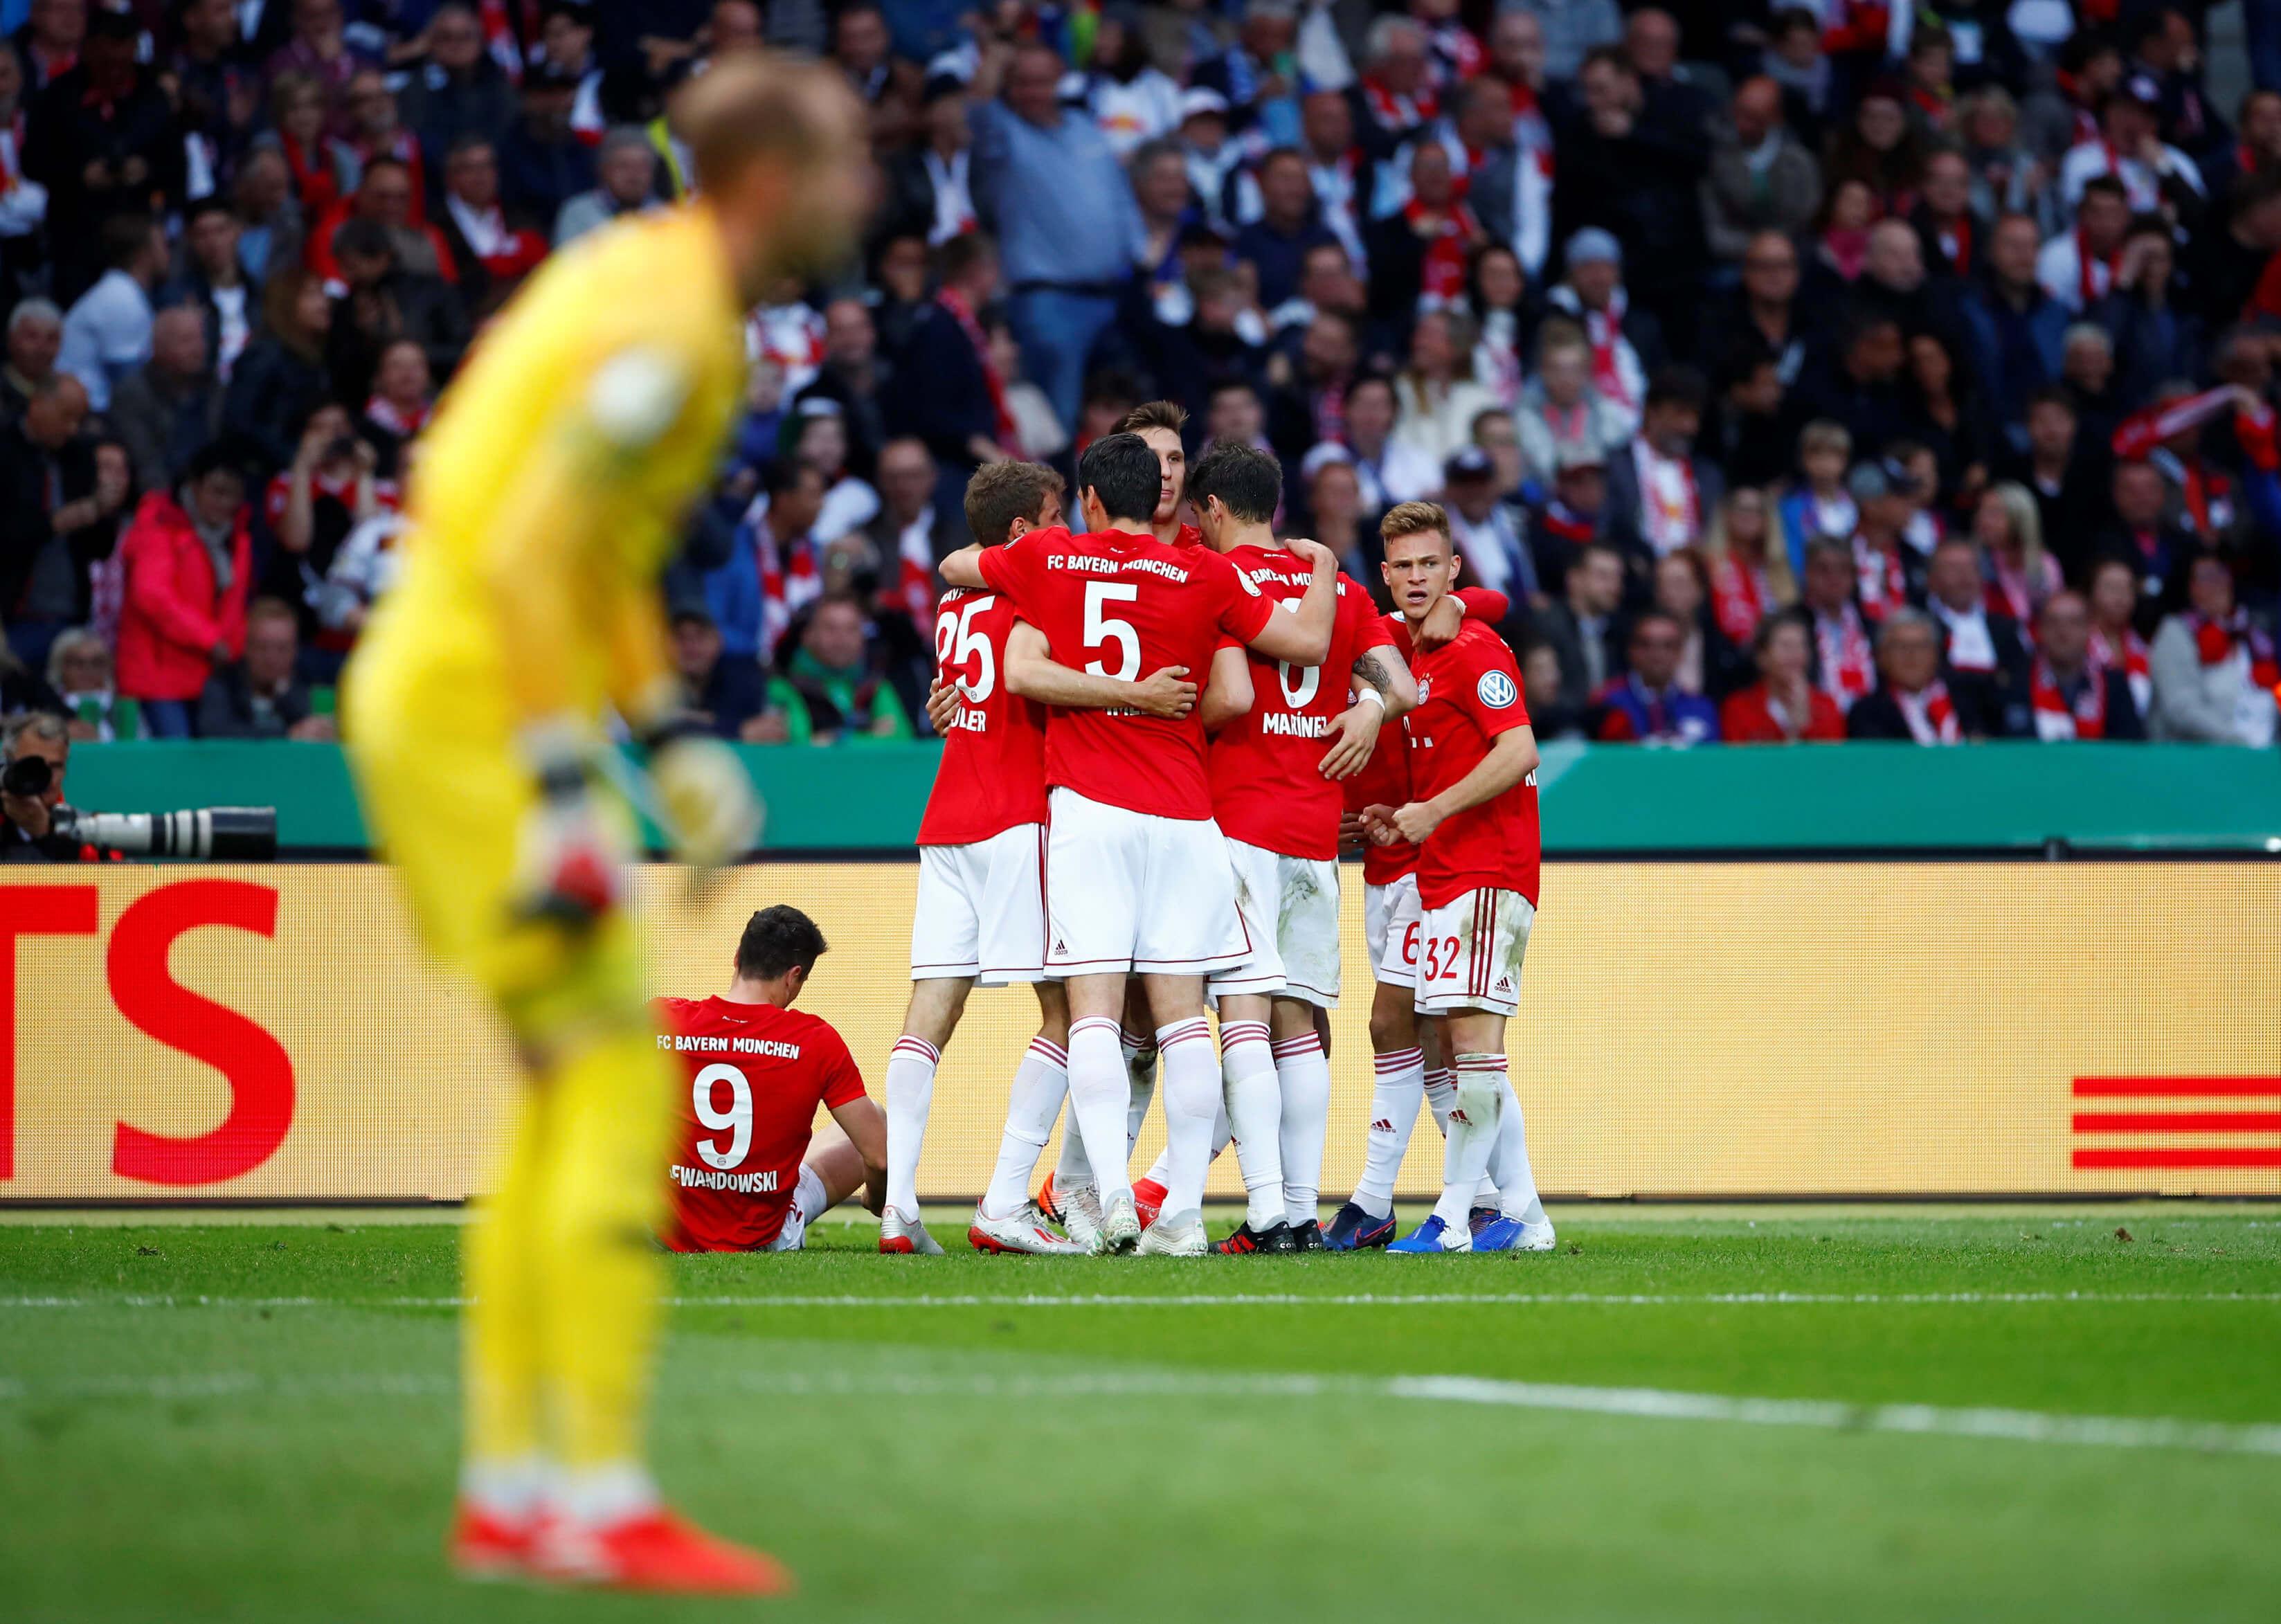 """Νταμπλούχος με """"τριάρα""""! Η Μπάγερν σήκωσε και το Κύπελλο Γερμανίας – video"""